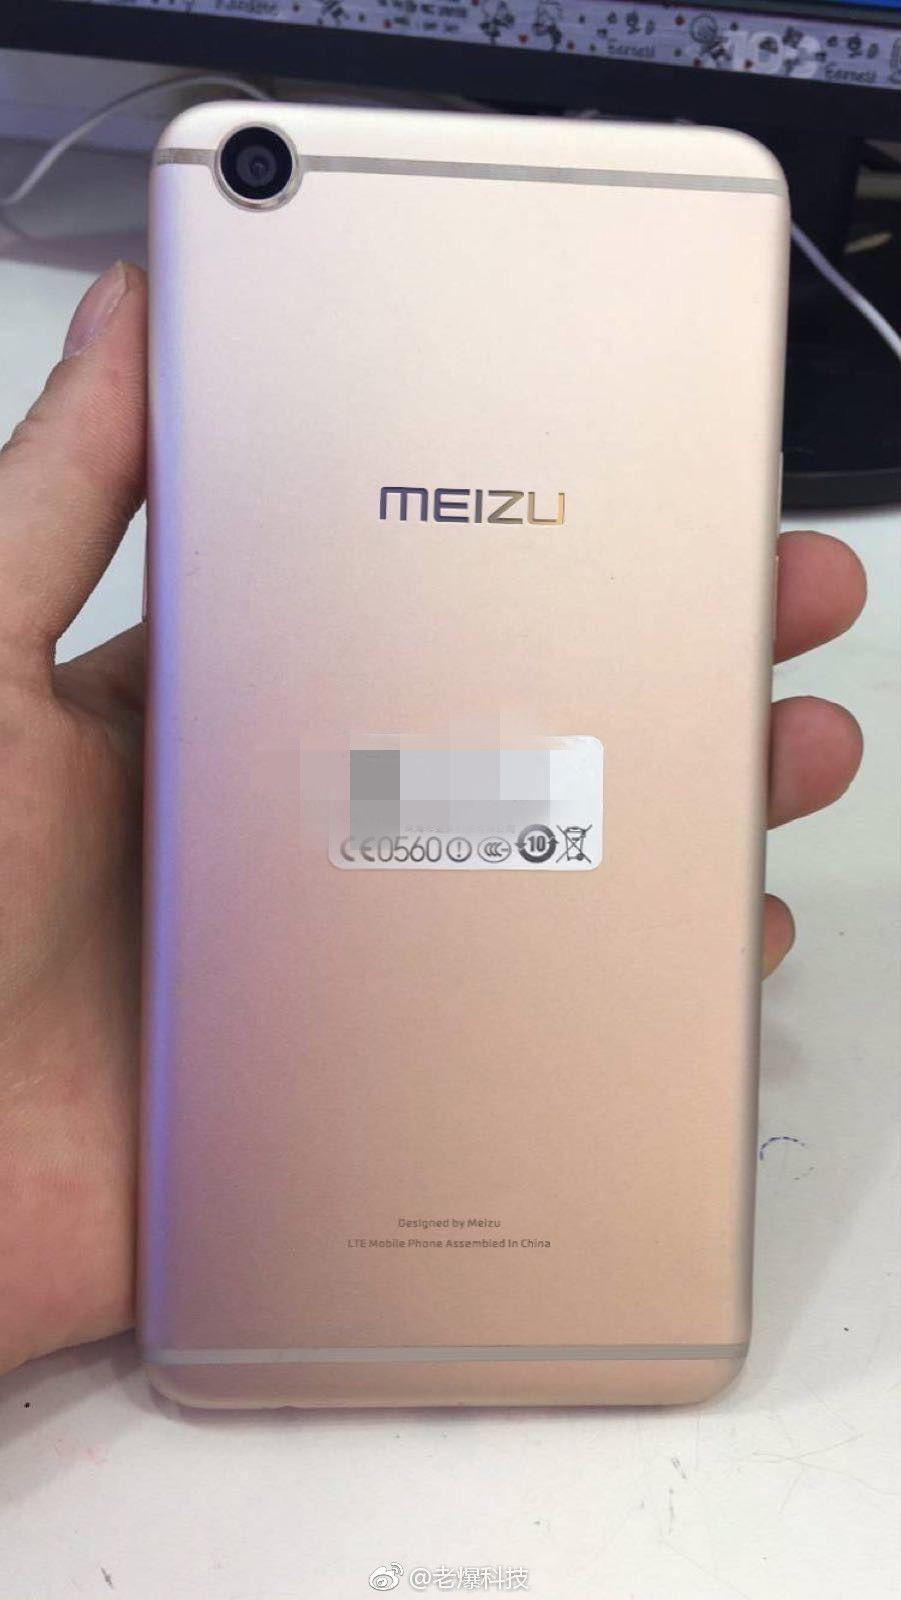 魅藍 E2(Meizu M5E2?)と思われる実機画像がリーク。しかし、多分偽物。